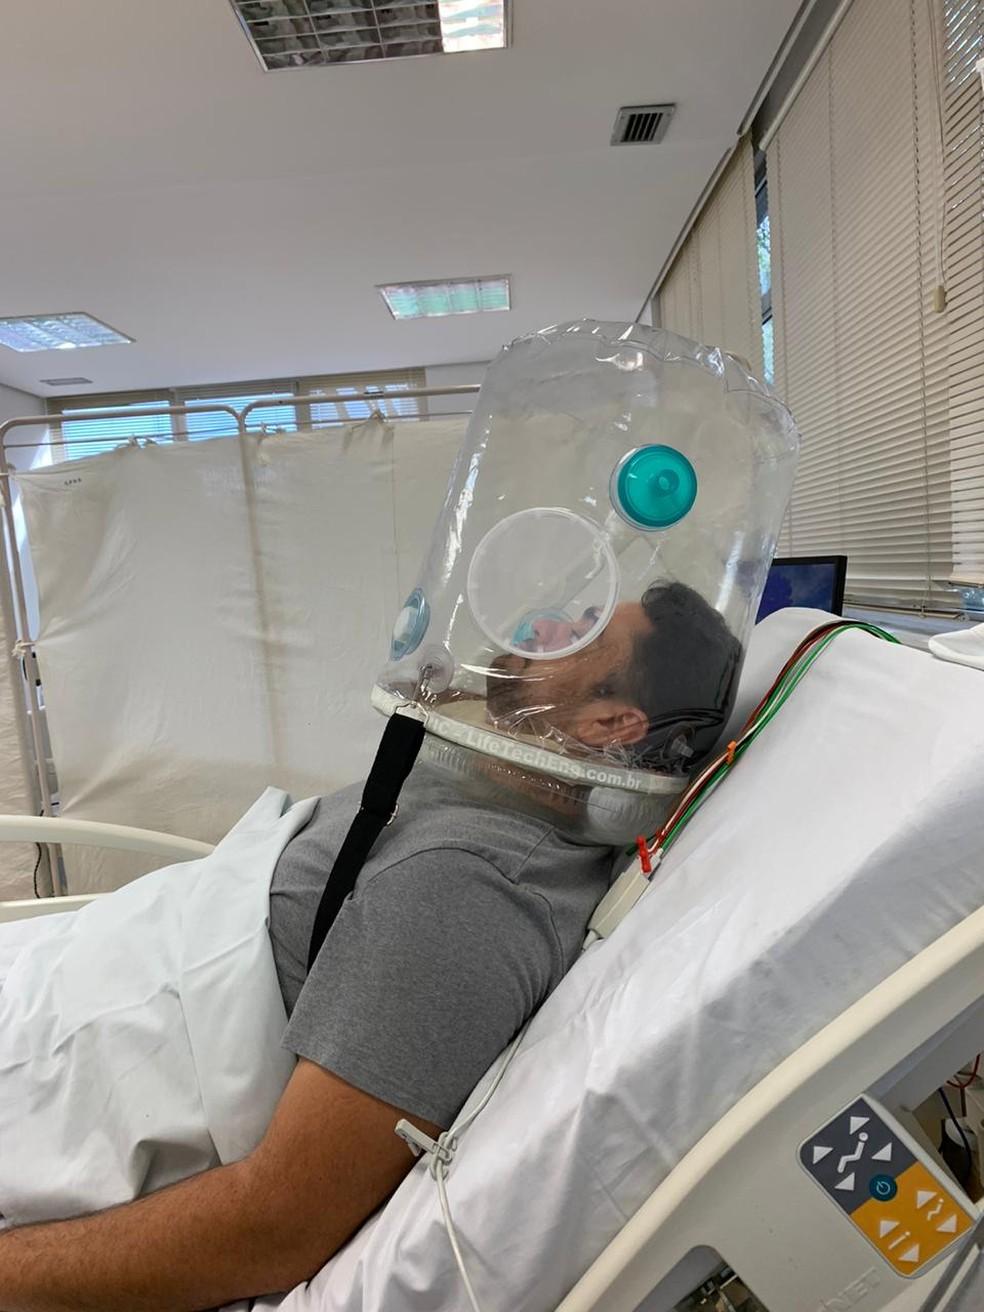 'Capacete' respiratório fabricado pela LifeTech — Foto: Divulgação/LifeTech